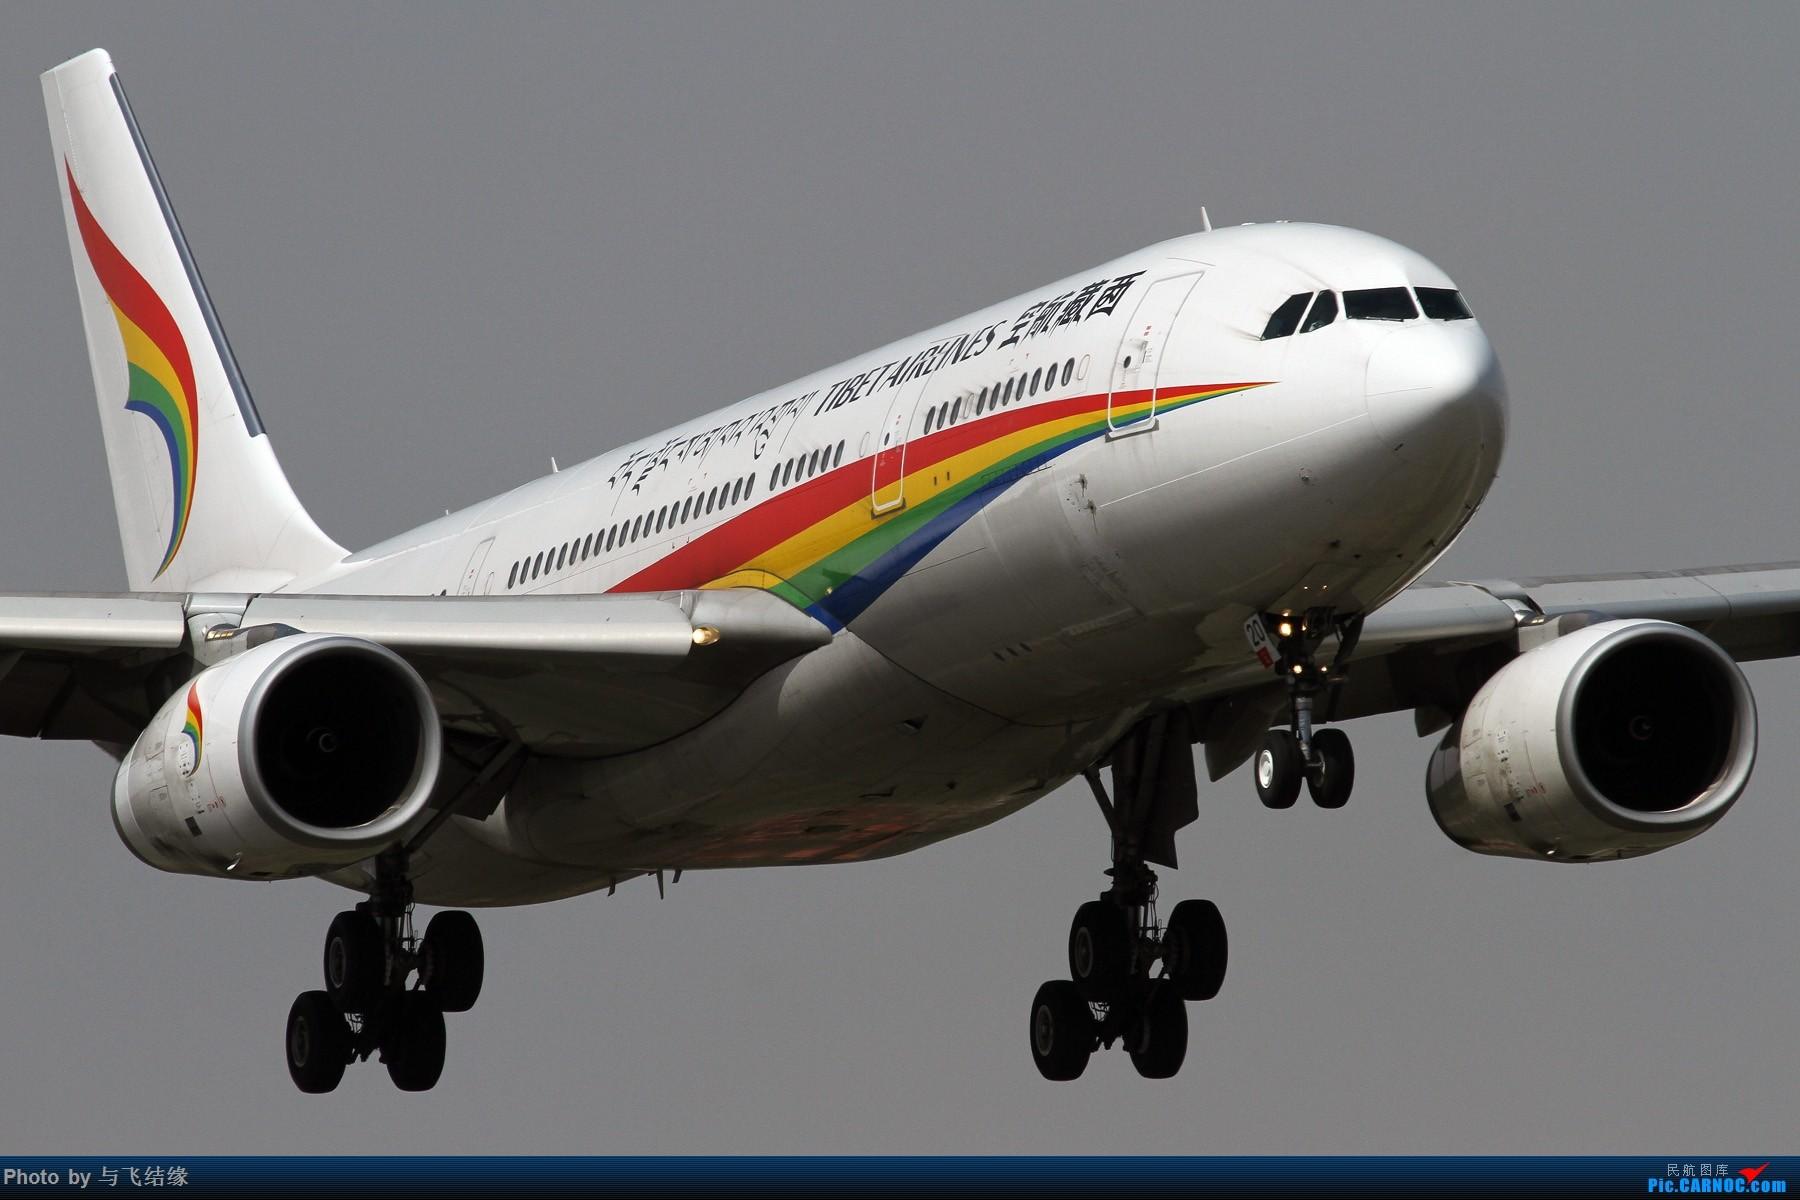 西藏航空Airbus A330-200,B-8420组图。 AIRBUS A330-200 B-8420 中国北京首都国际机场